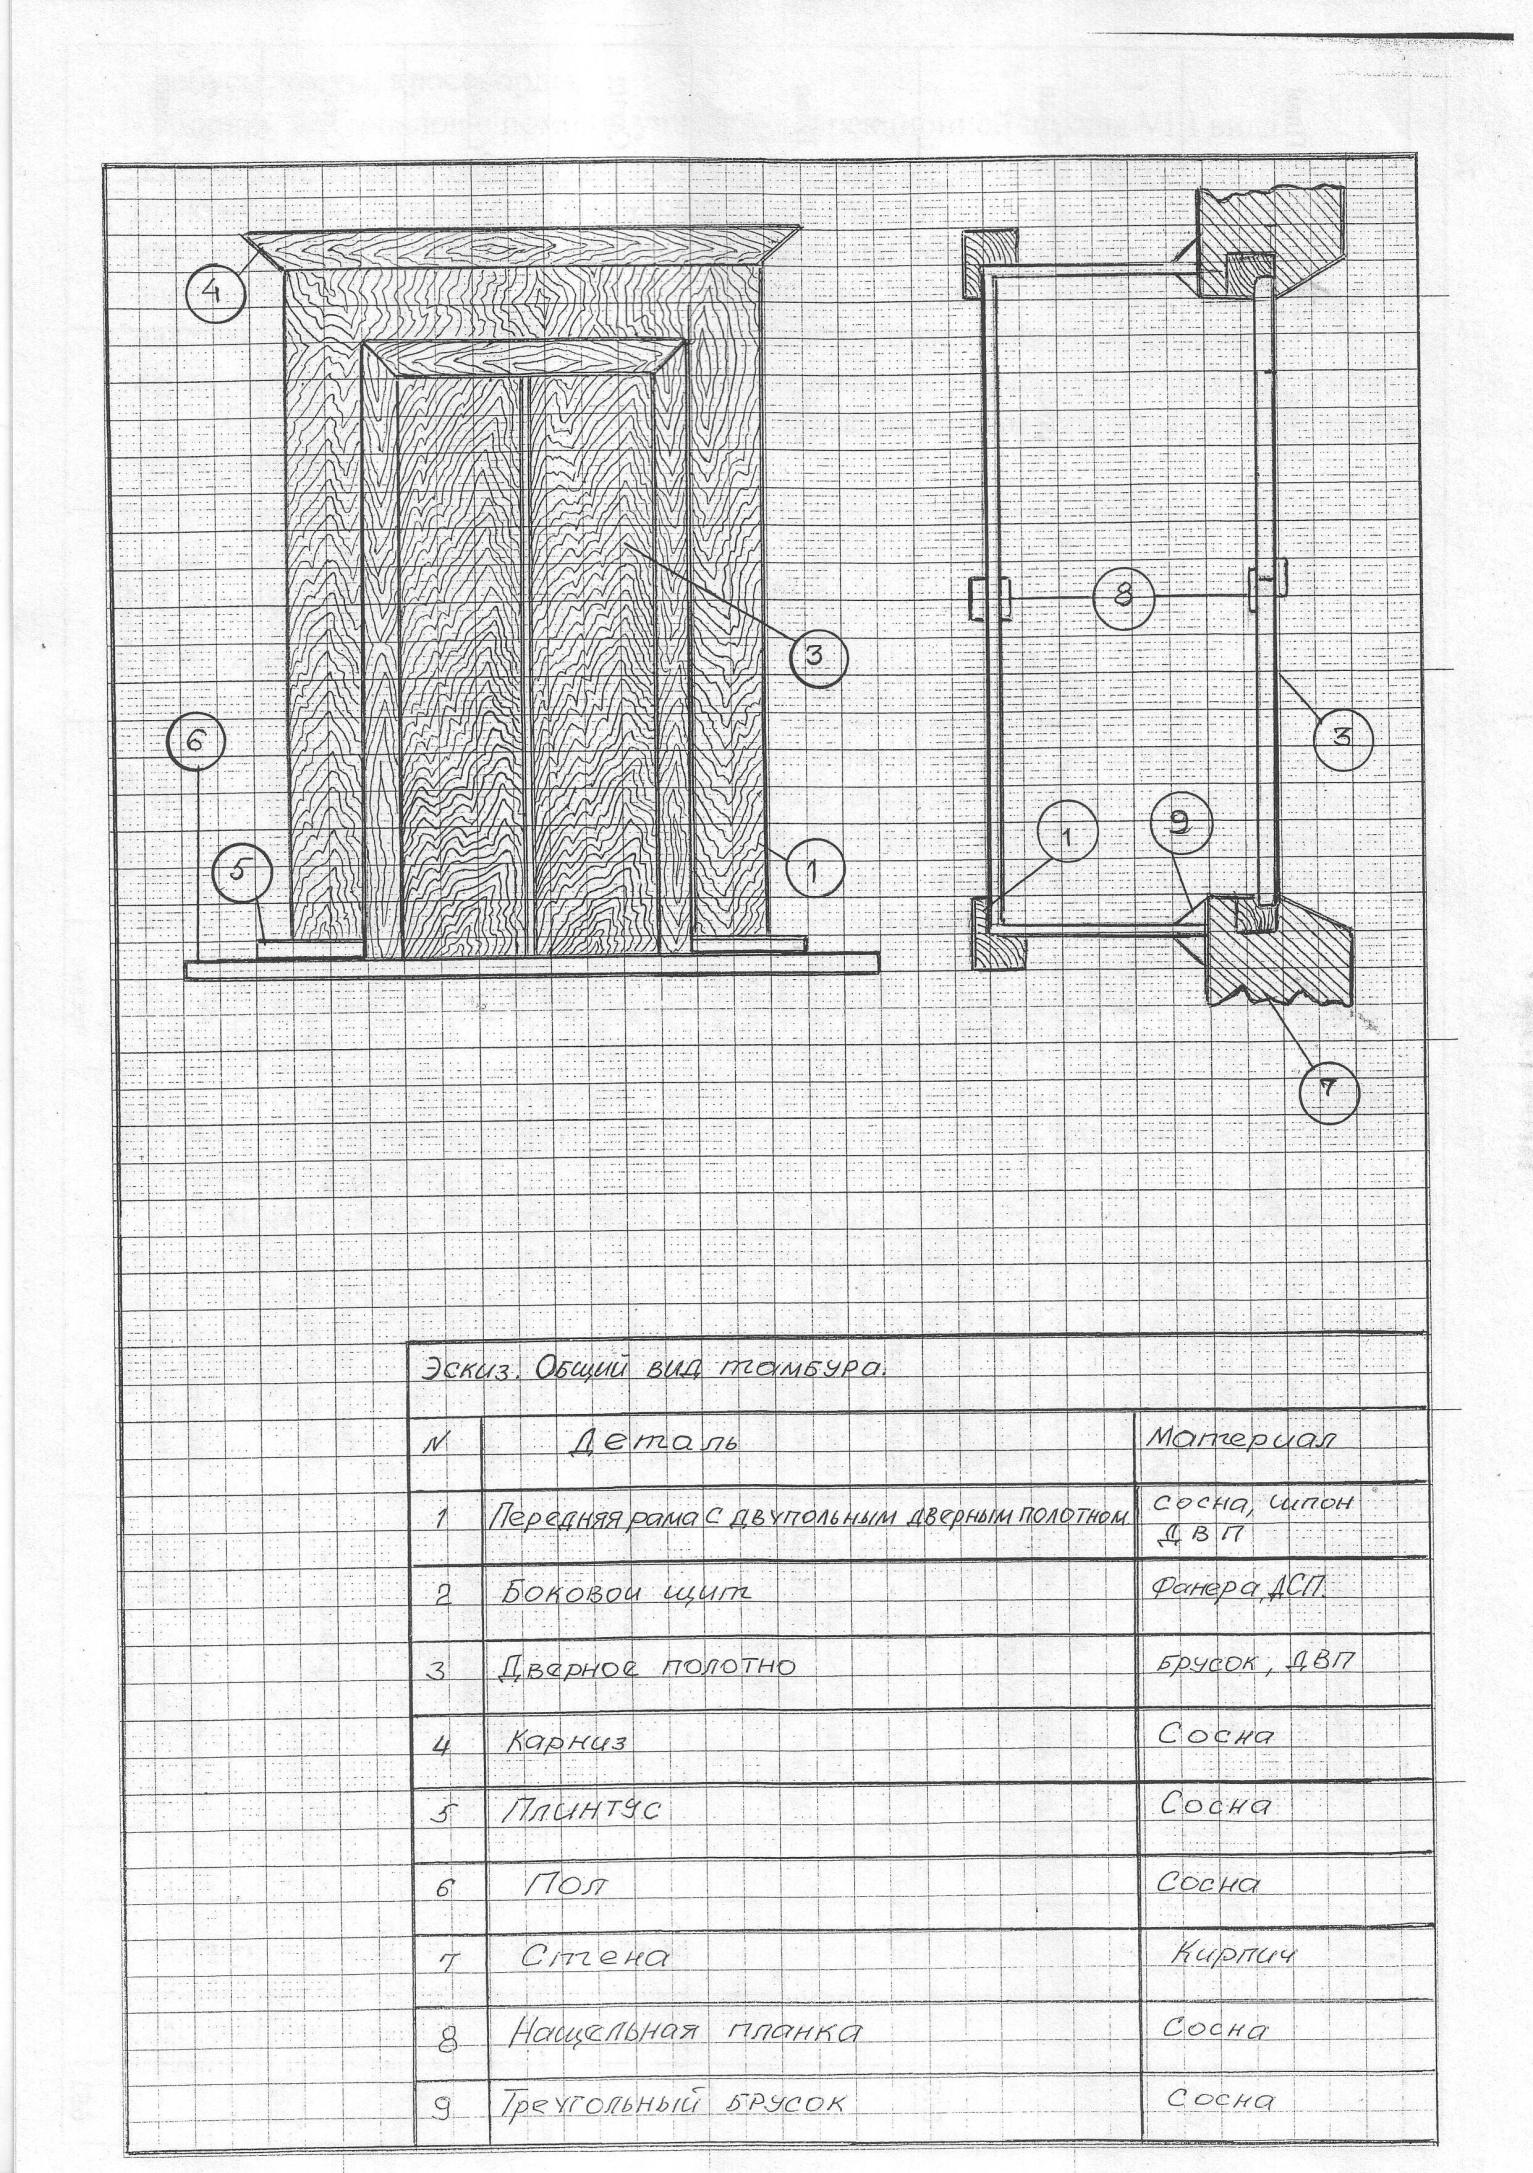 F:\изделия и эскизы\10- 12 класс\Эскизы\Image0013.JPG